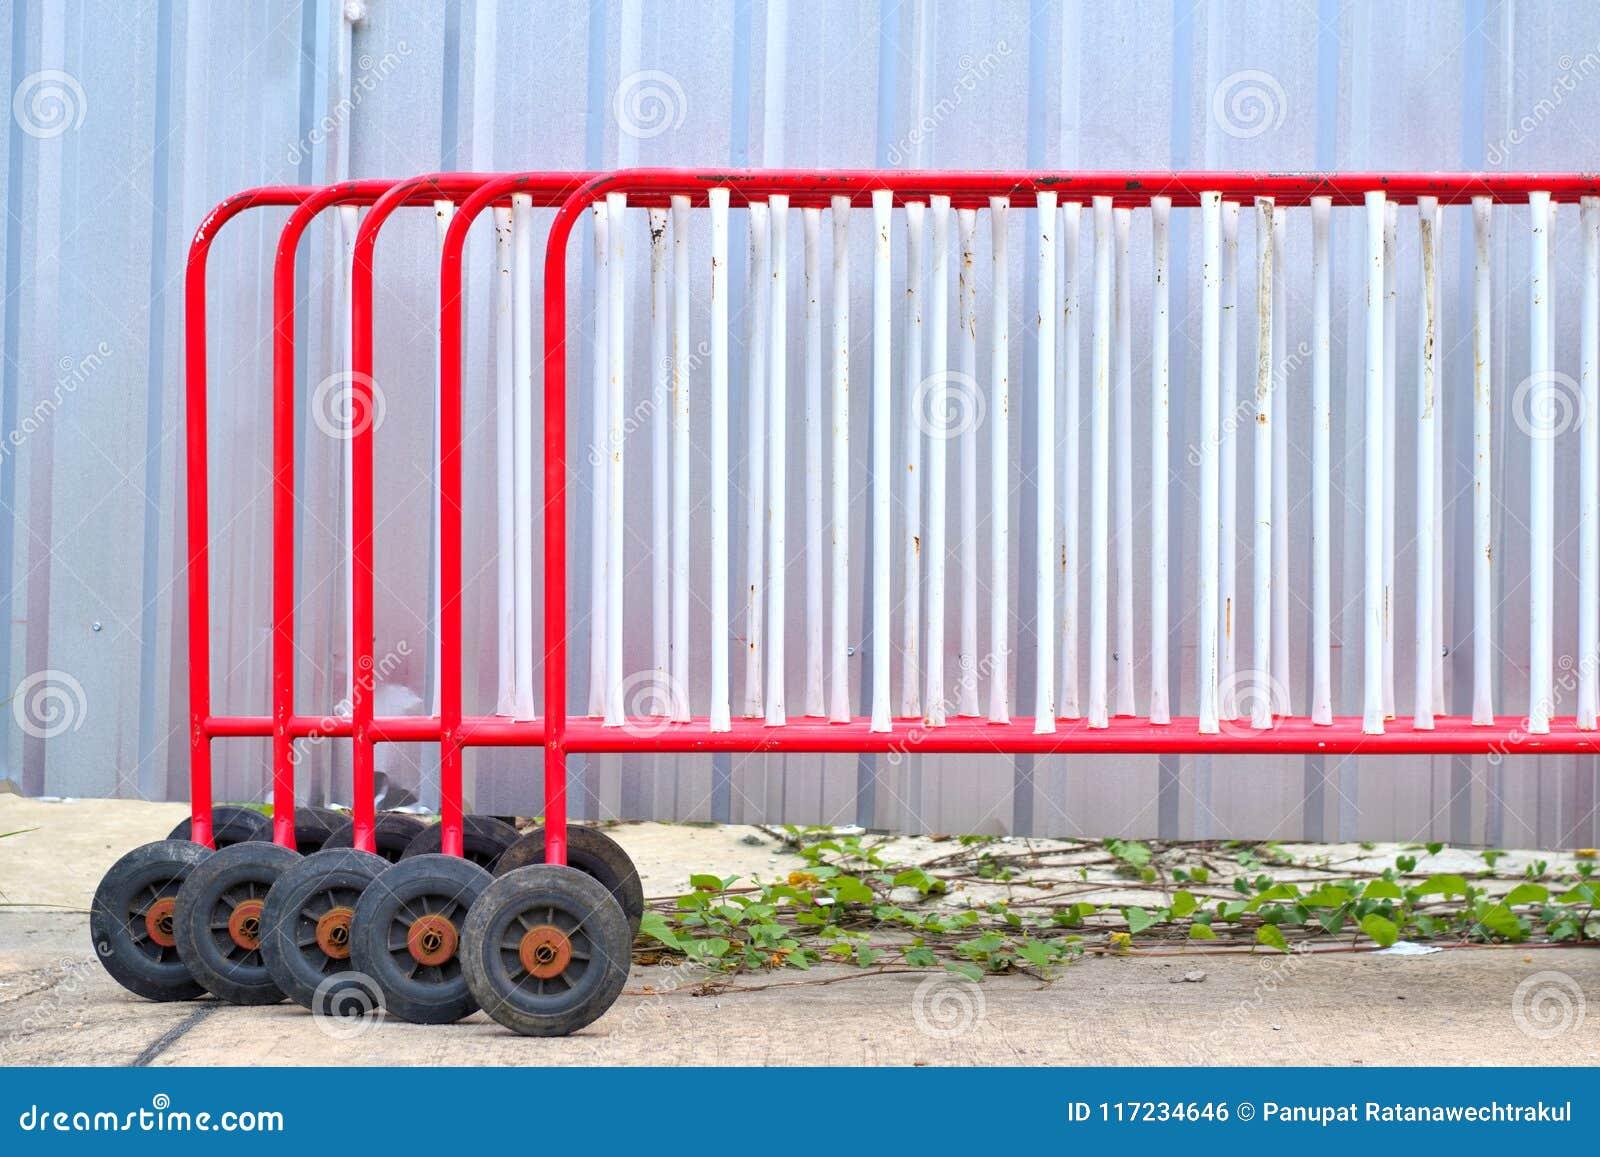 Μια ομάδα κόκκινου εμποδίου κυκλοφορίας